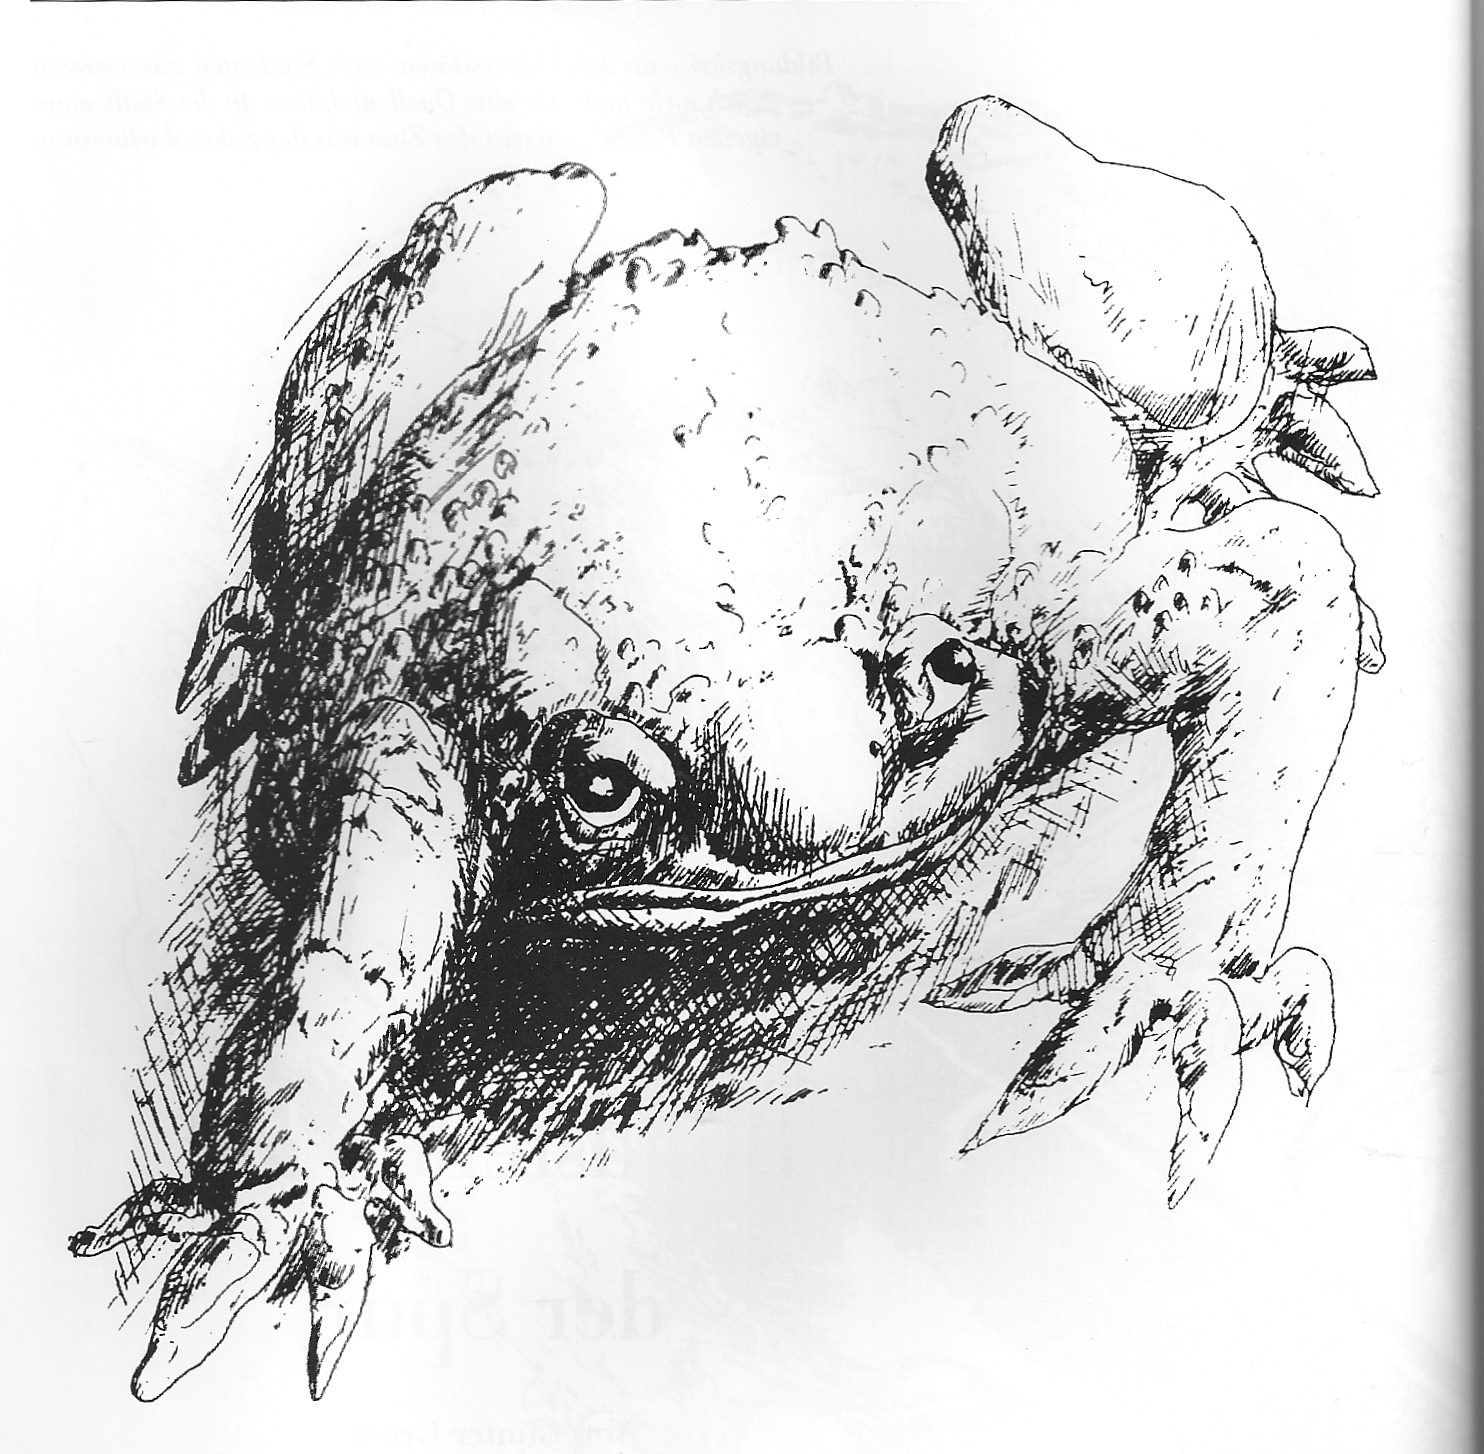 Kröte von Günter Grass in Essener Unikate 8, 1996